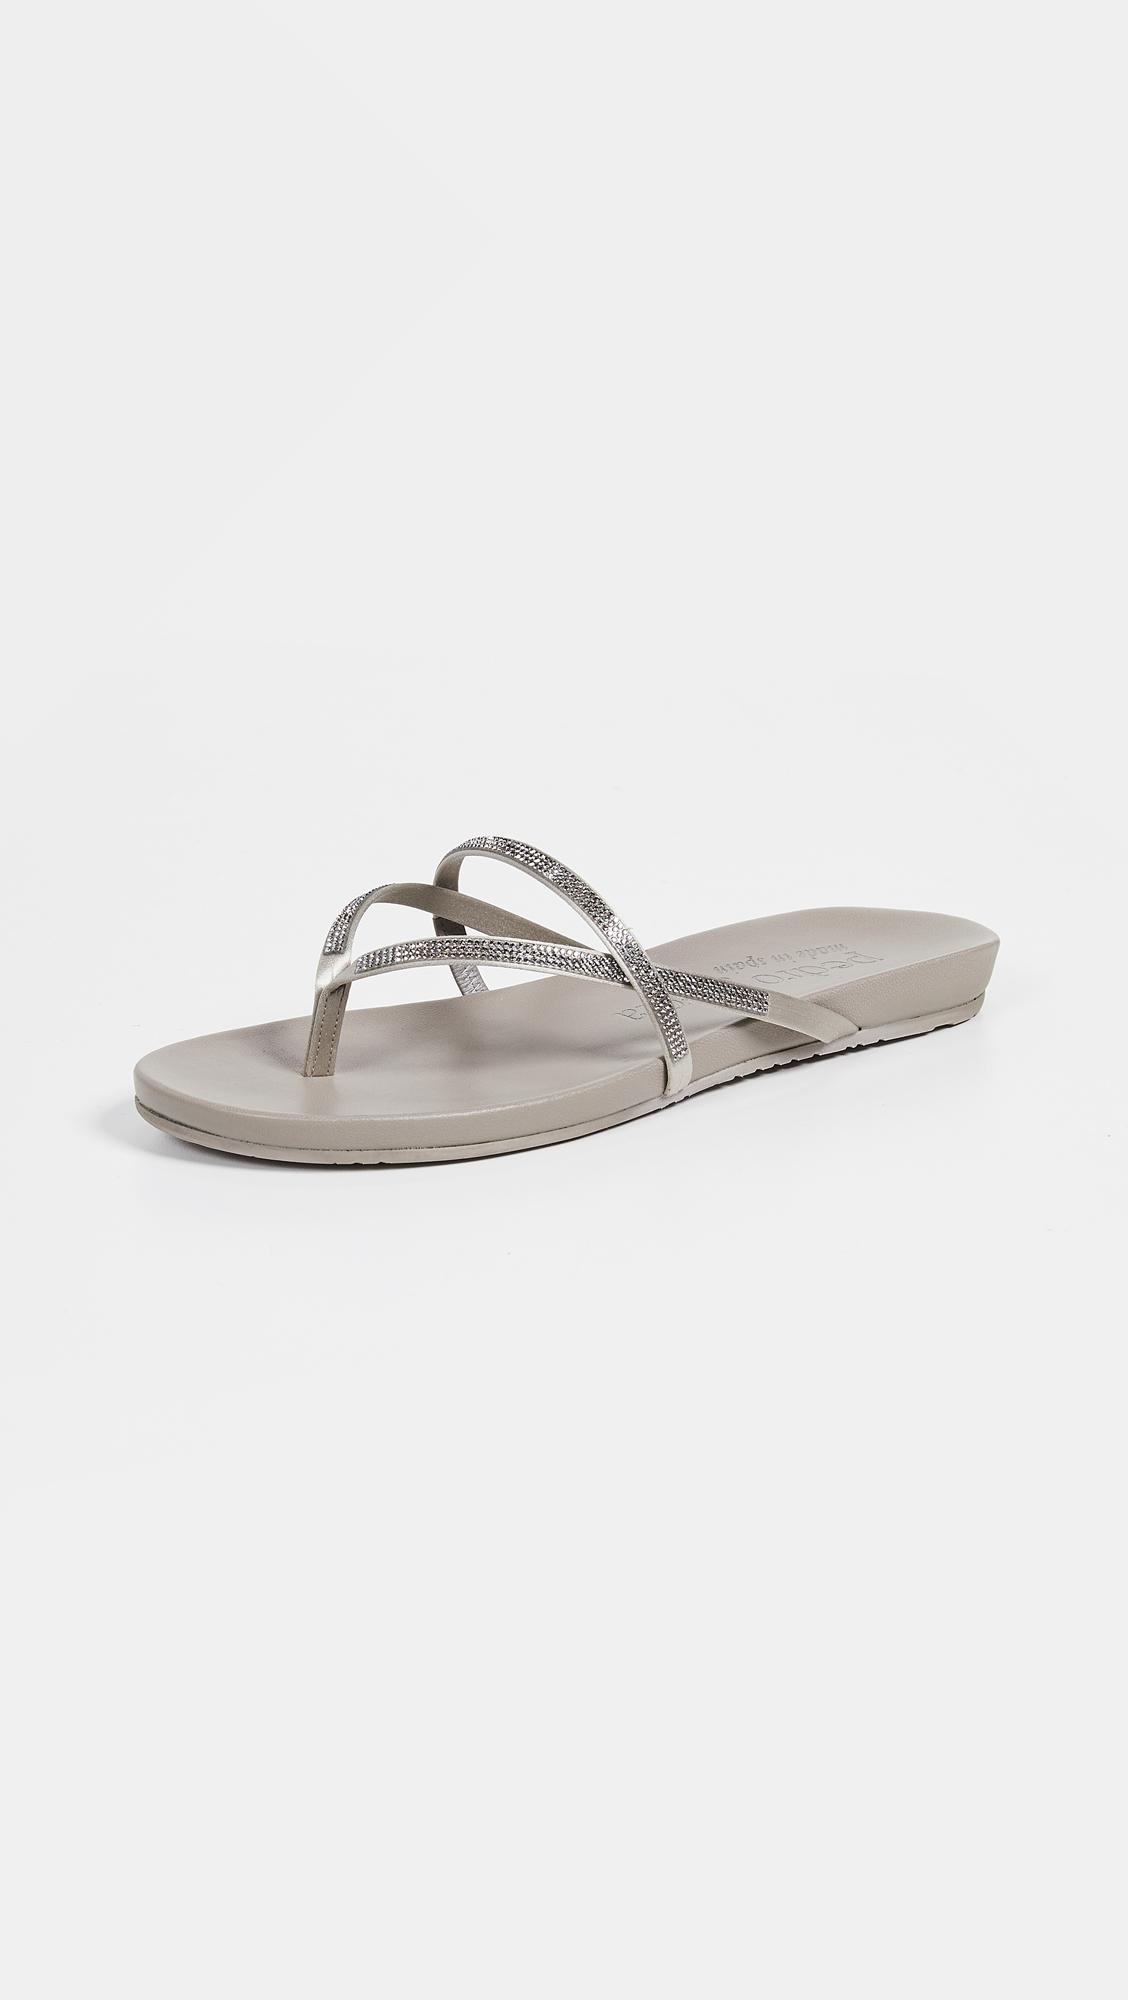 39063c1ee Pedro Garcia. Women s Giulia Sandals